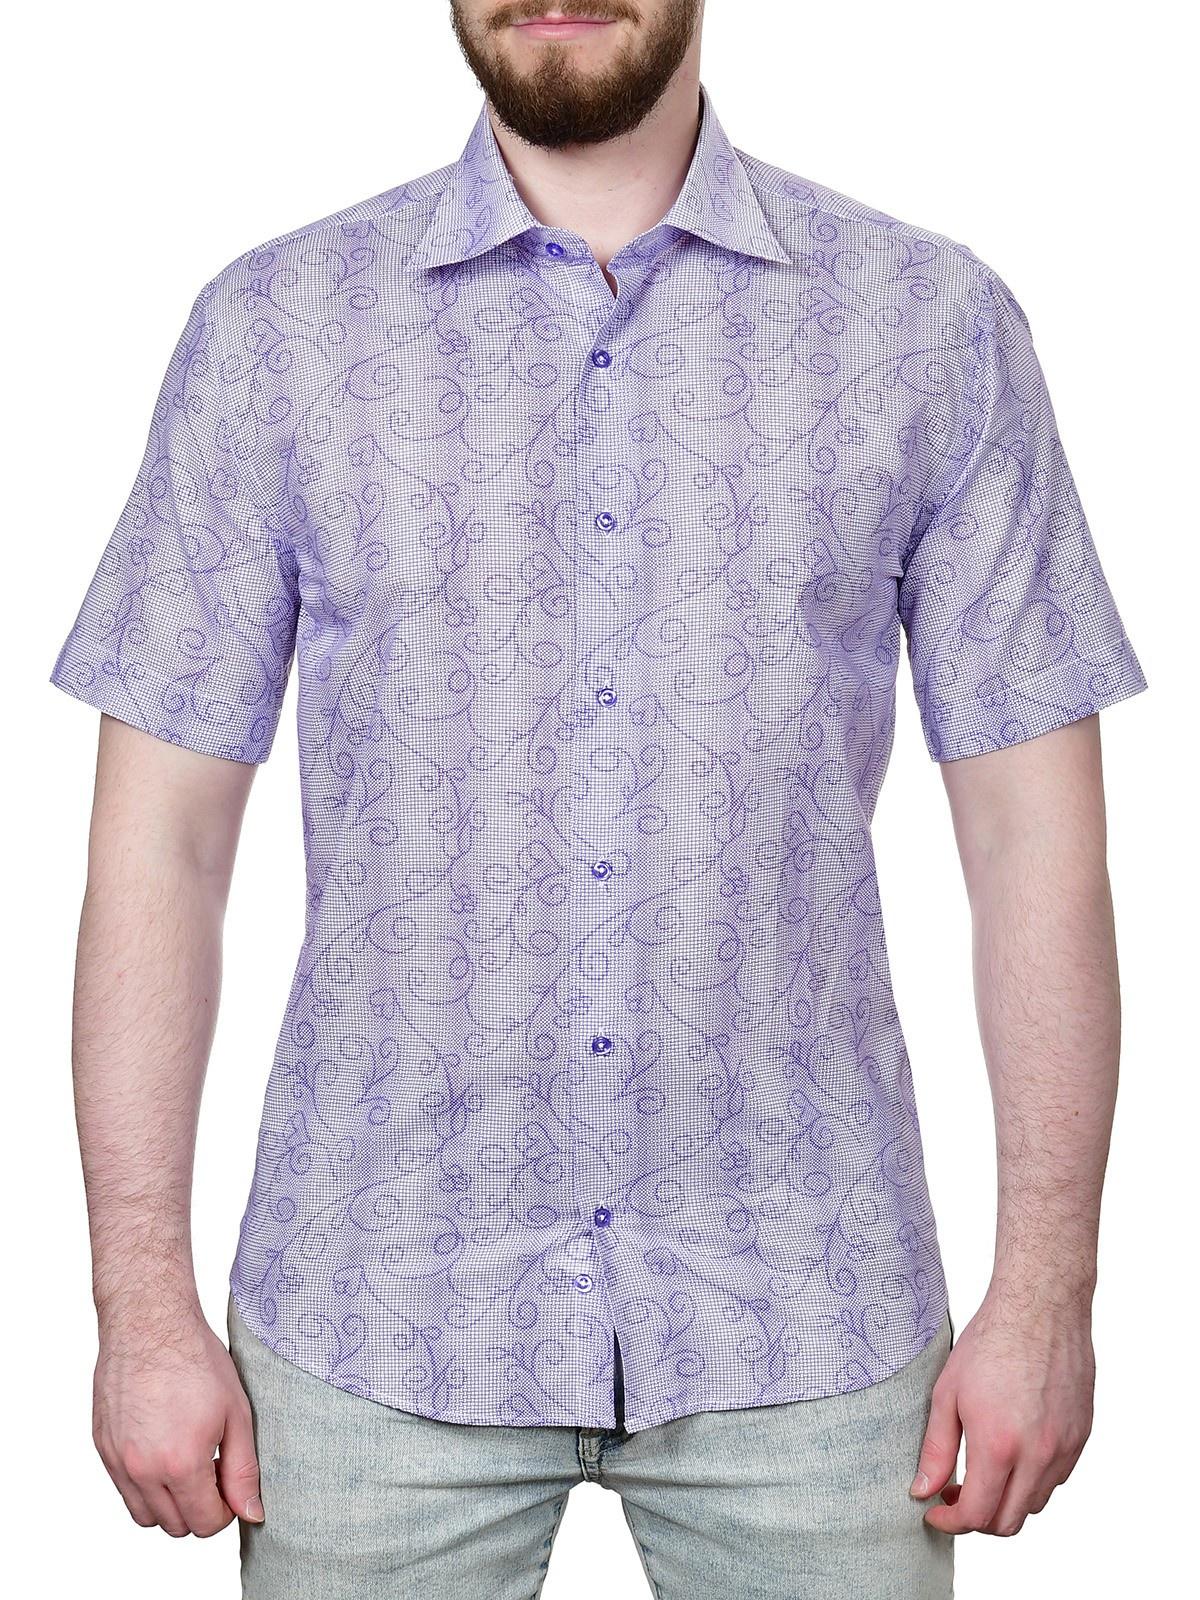 Рубашка Fayzoff S.A. мужская повседневная рубашка oem 2015 slim fit m xxxlfree fmc0205 2752 p50